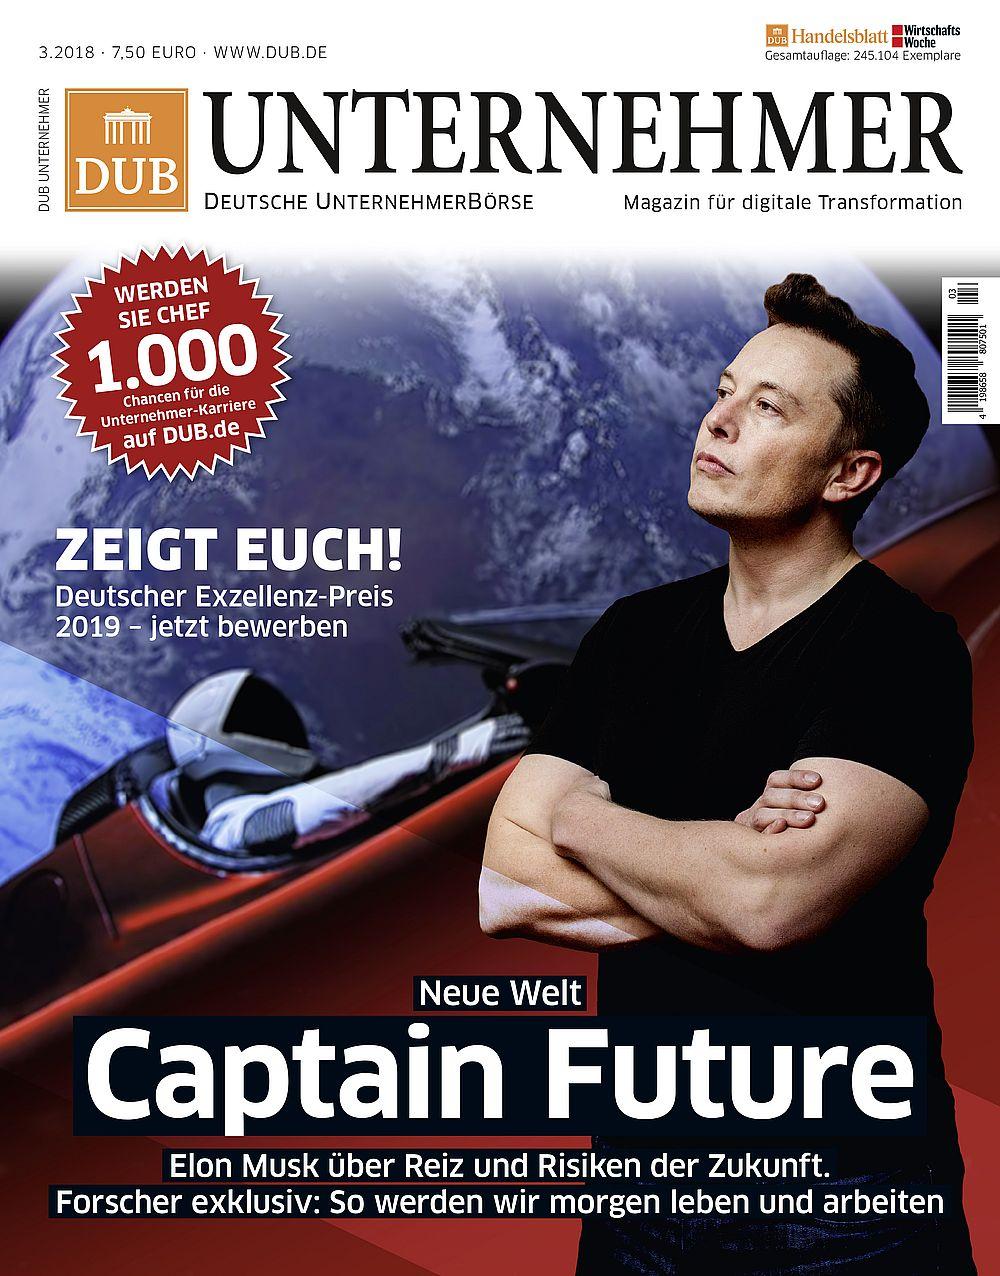 DUB Unternehmer-Magazin 3/2018